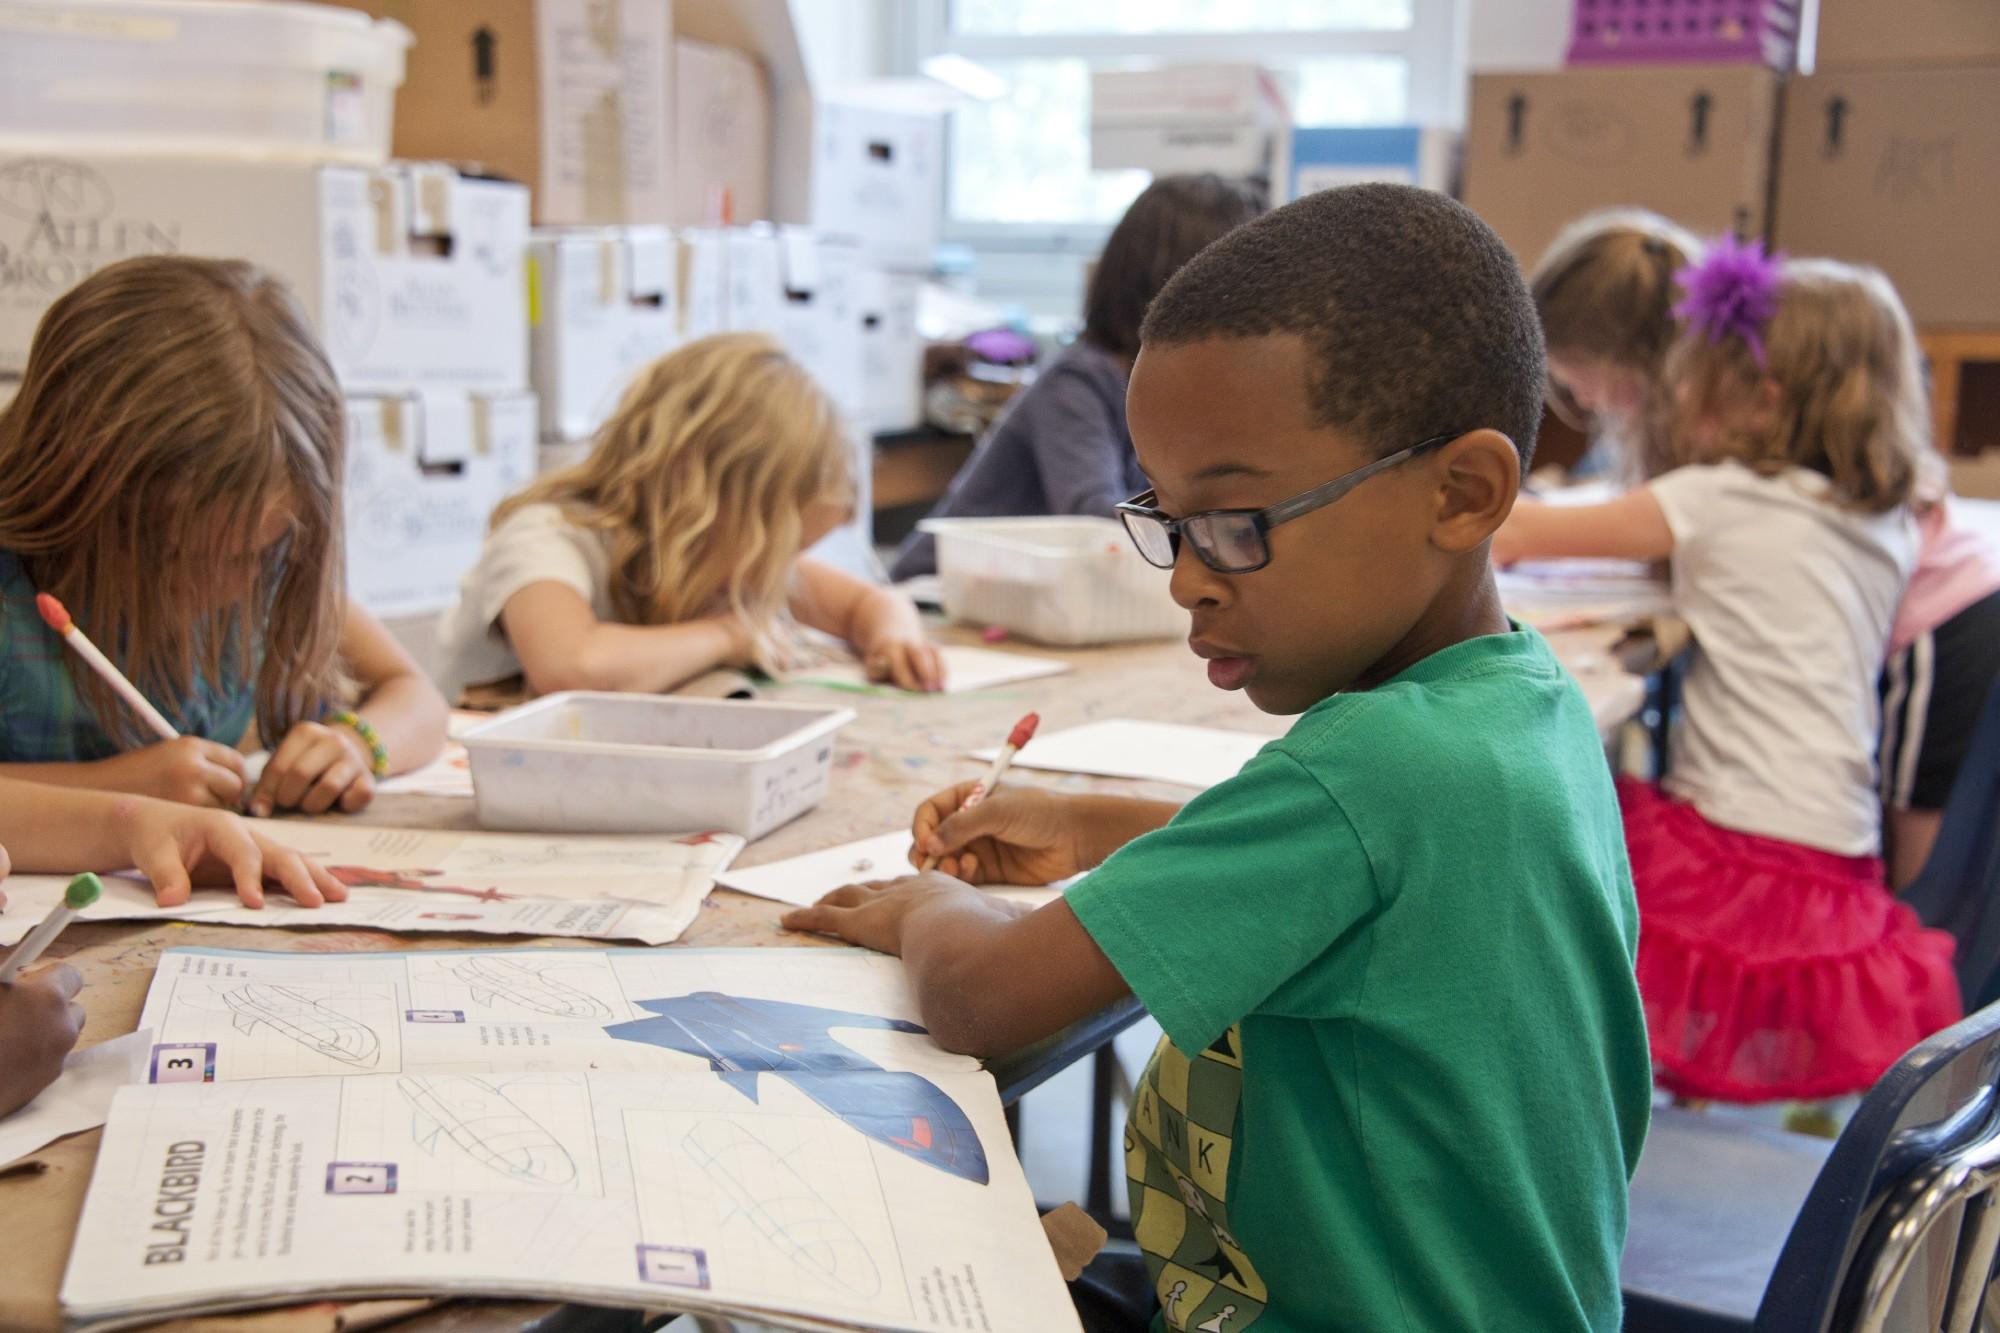 Jeune garçon d'âge primaire et sa classe en plein cours d'art